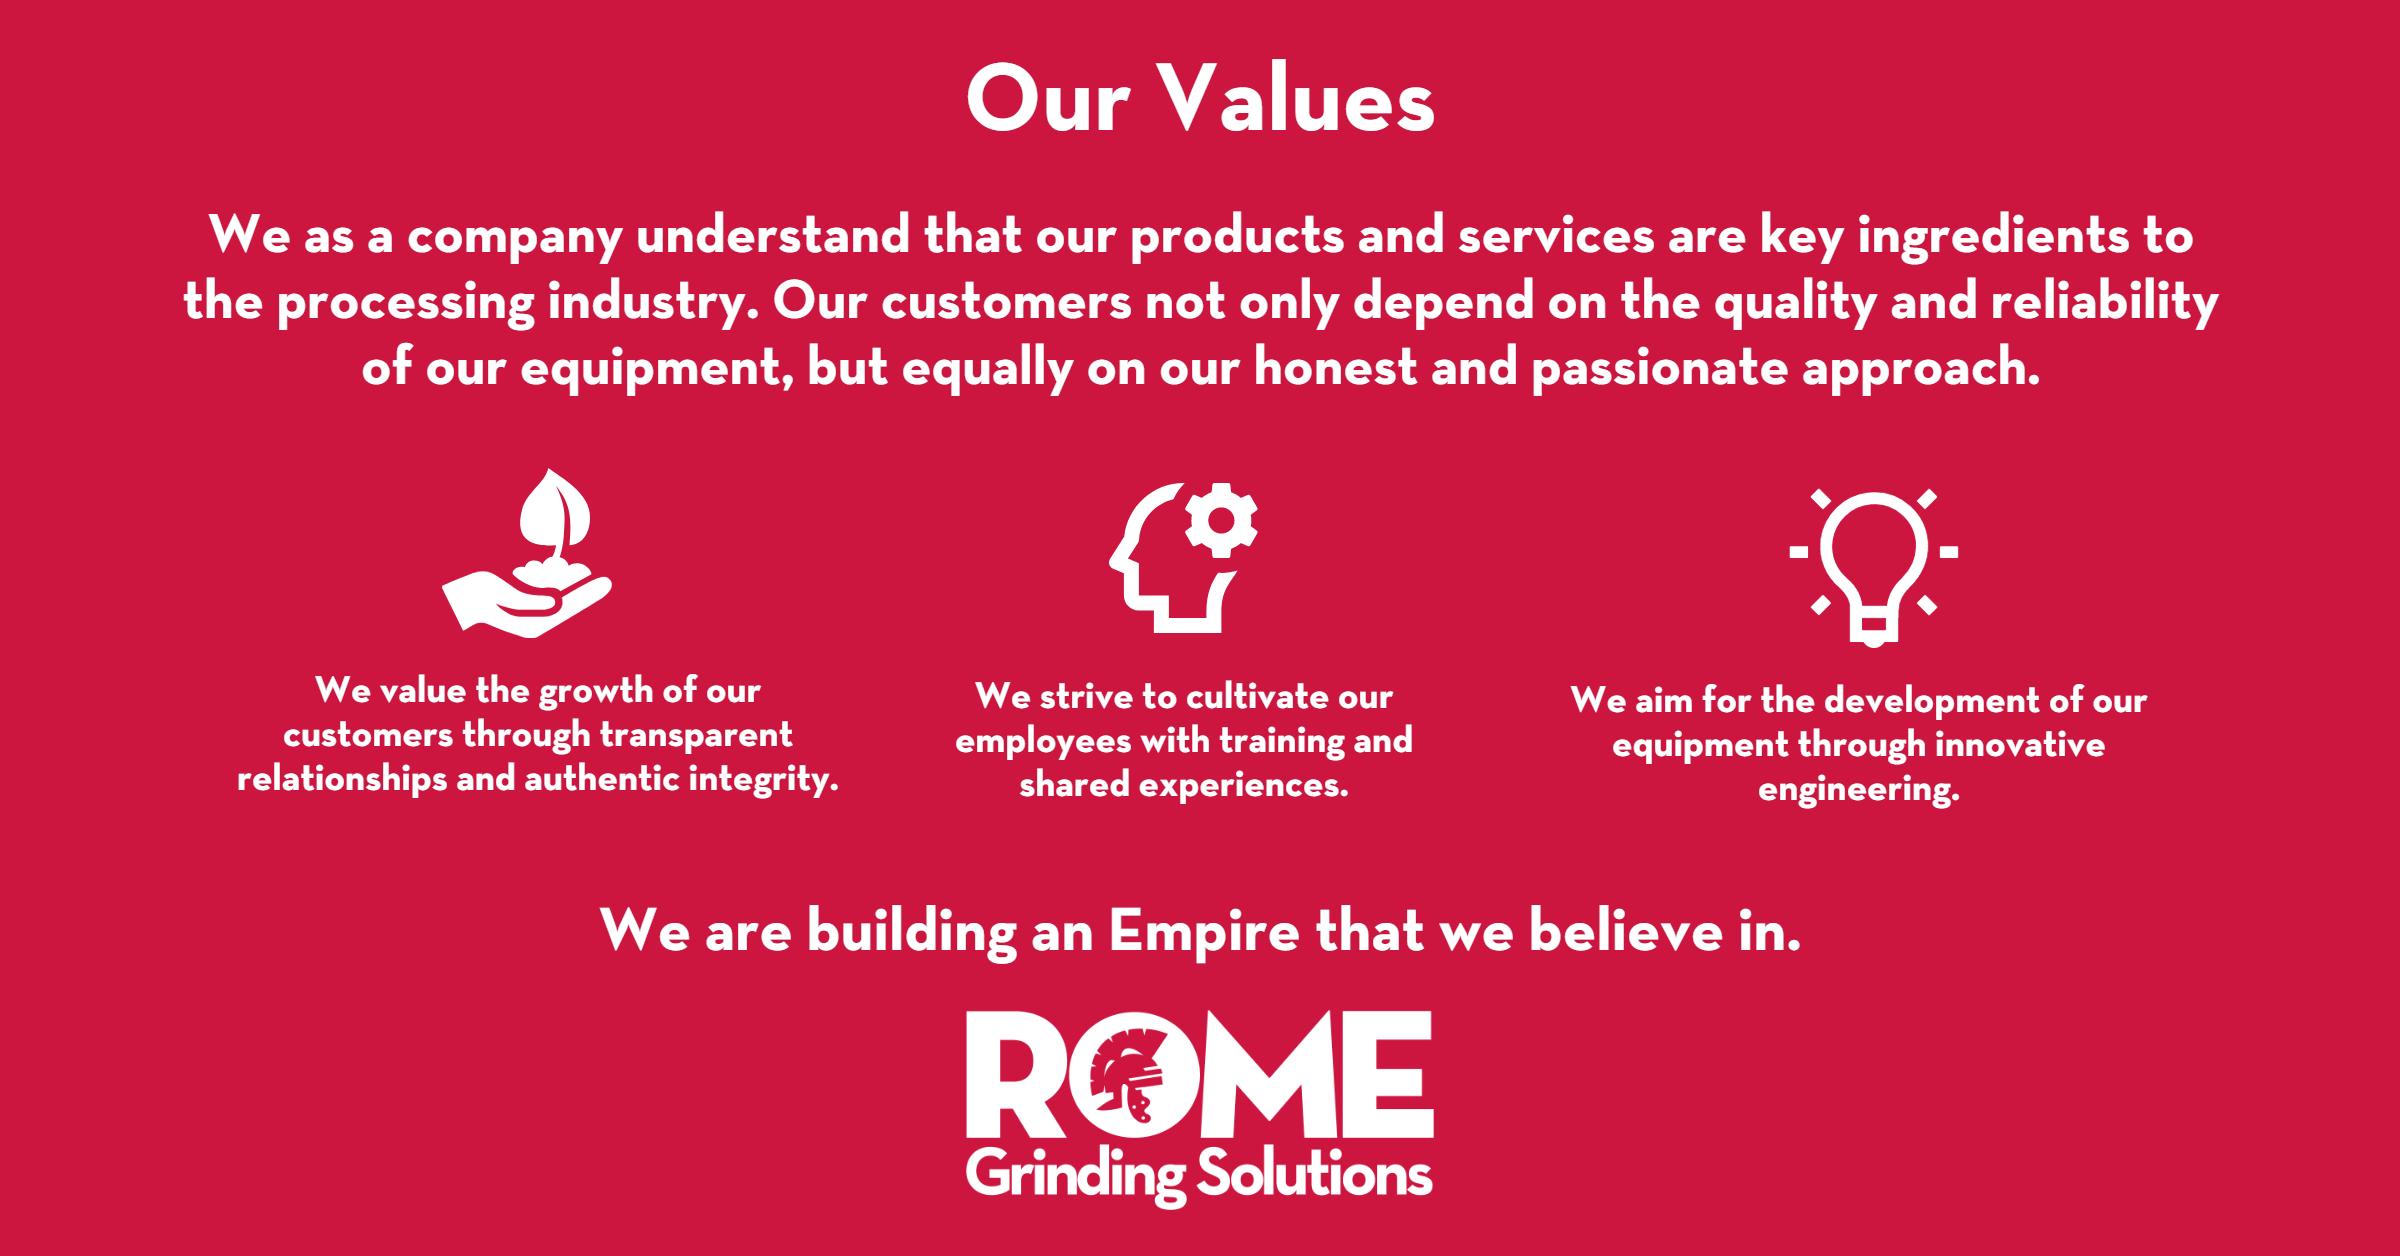 Rome's Company Values